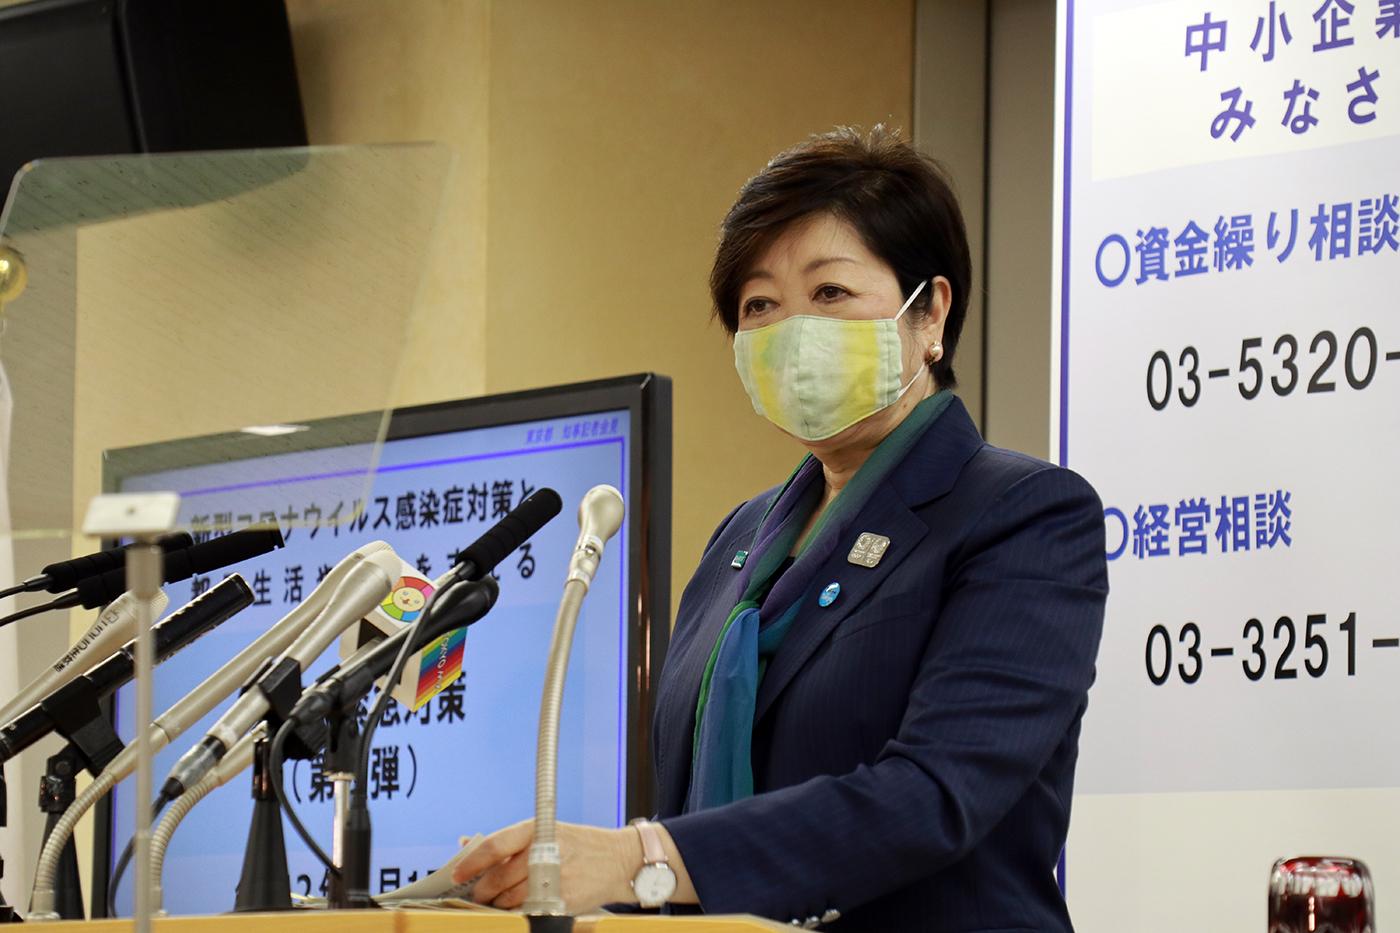 労働 協力 拡大 感染 産業 都 東京 局 金 防止